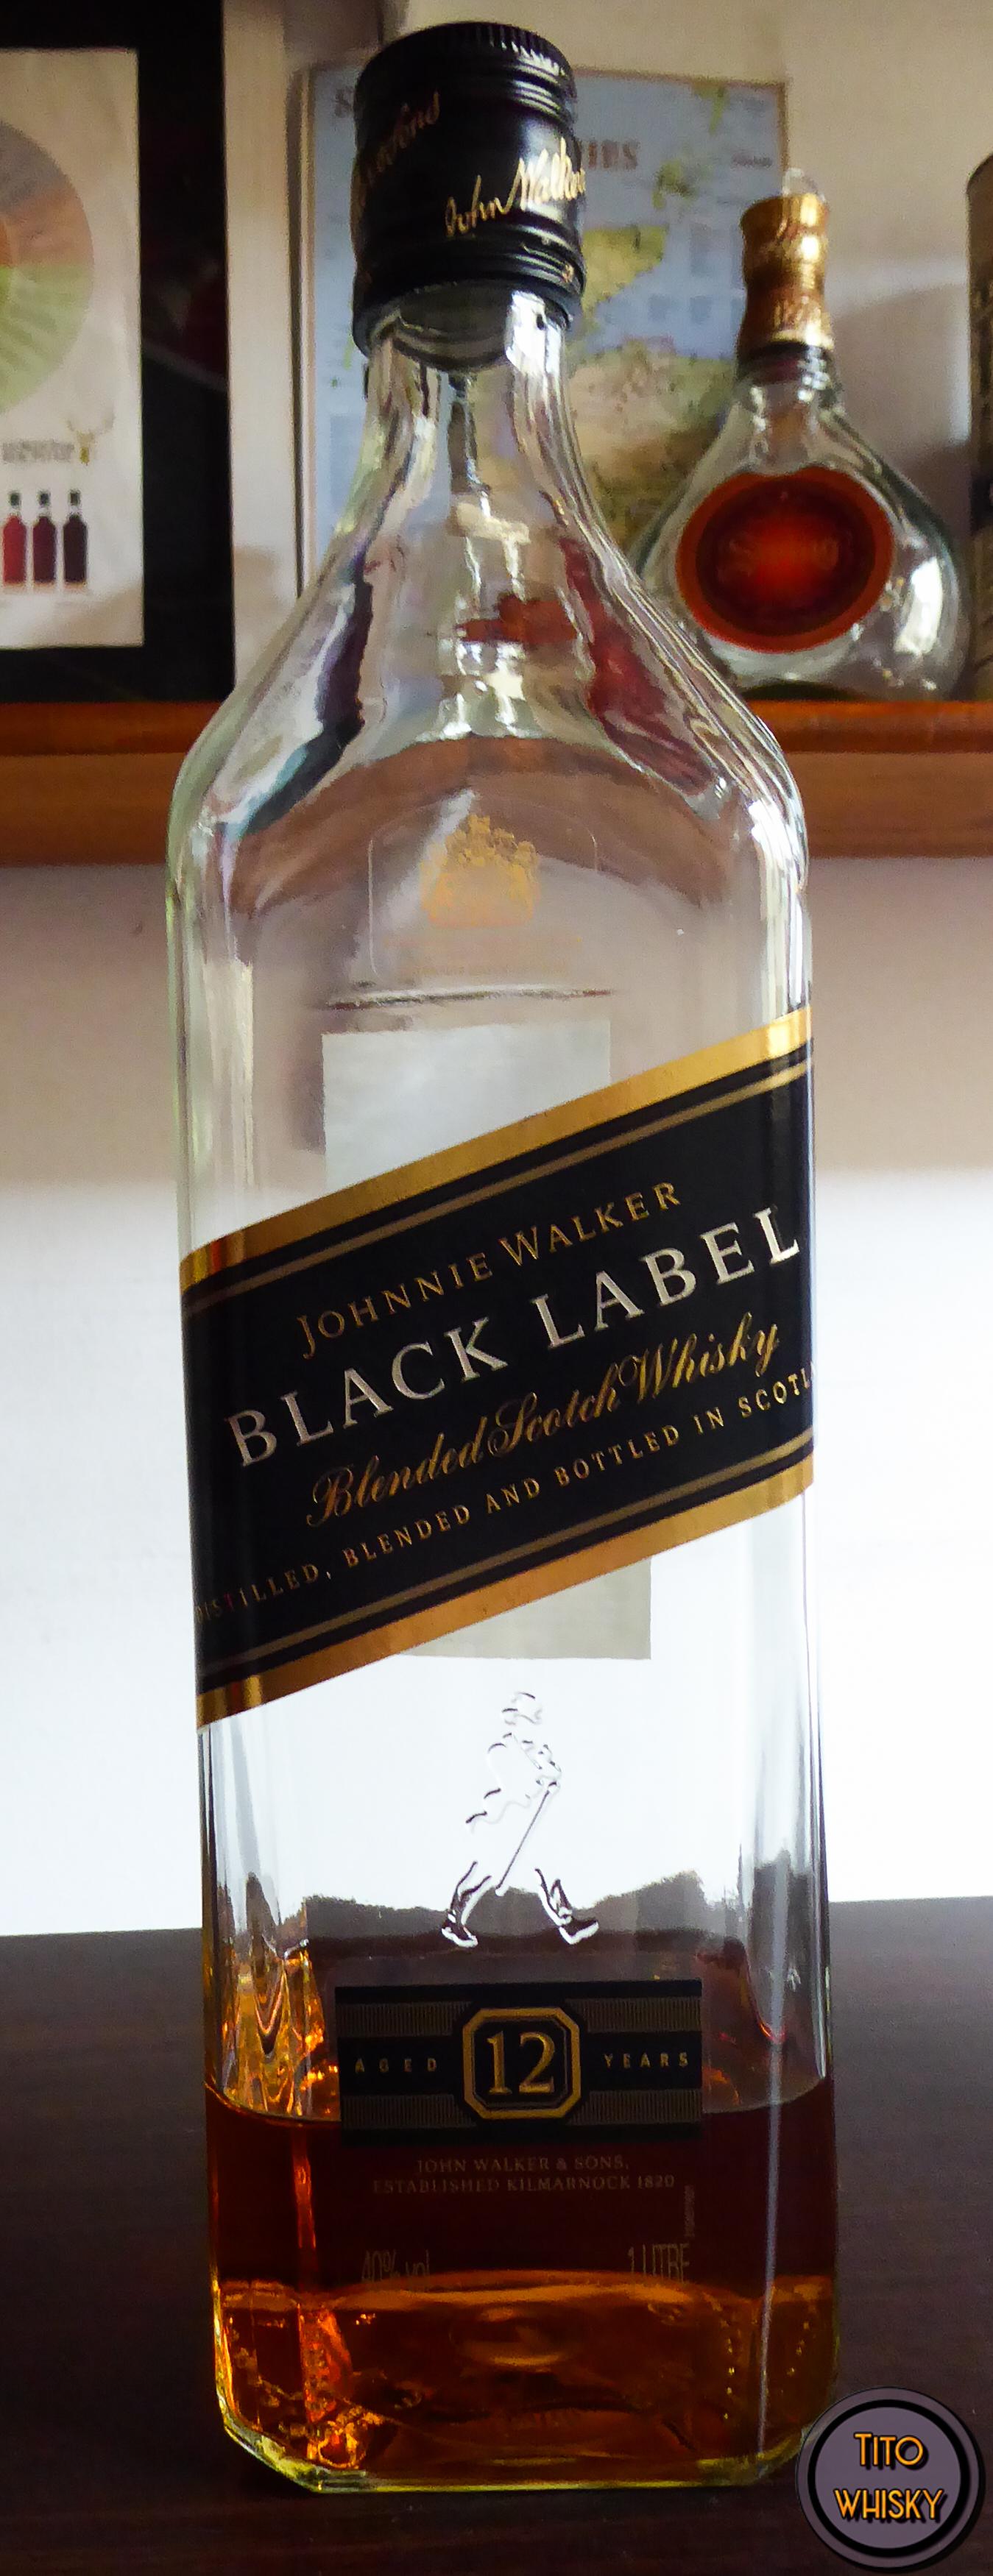 Botella de Johnnie Walker Black Label